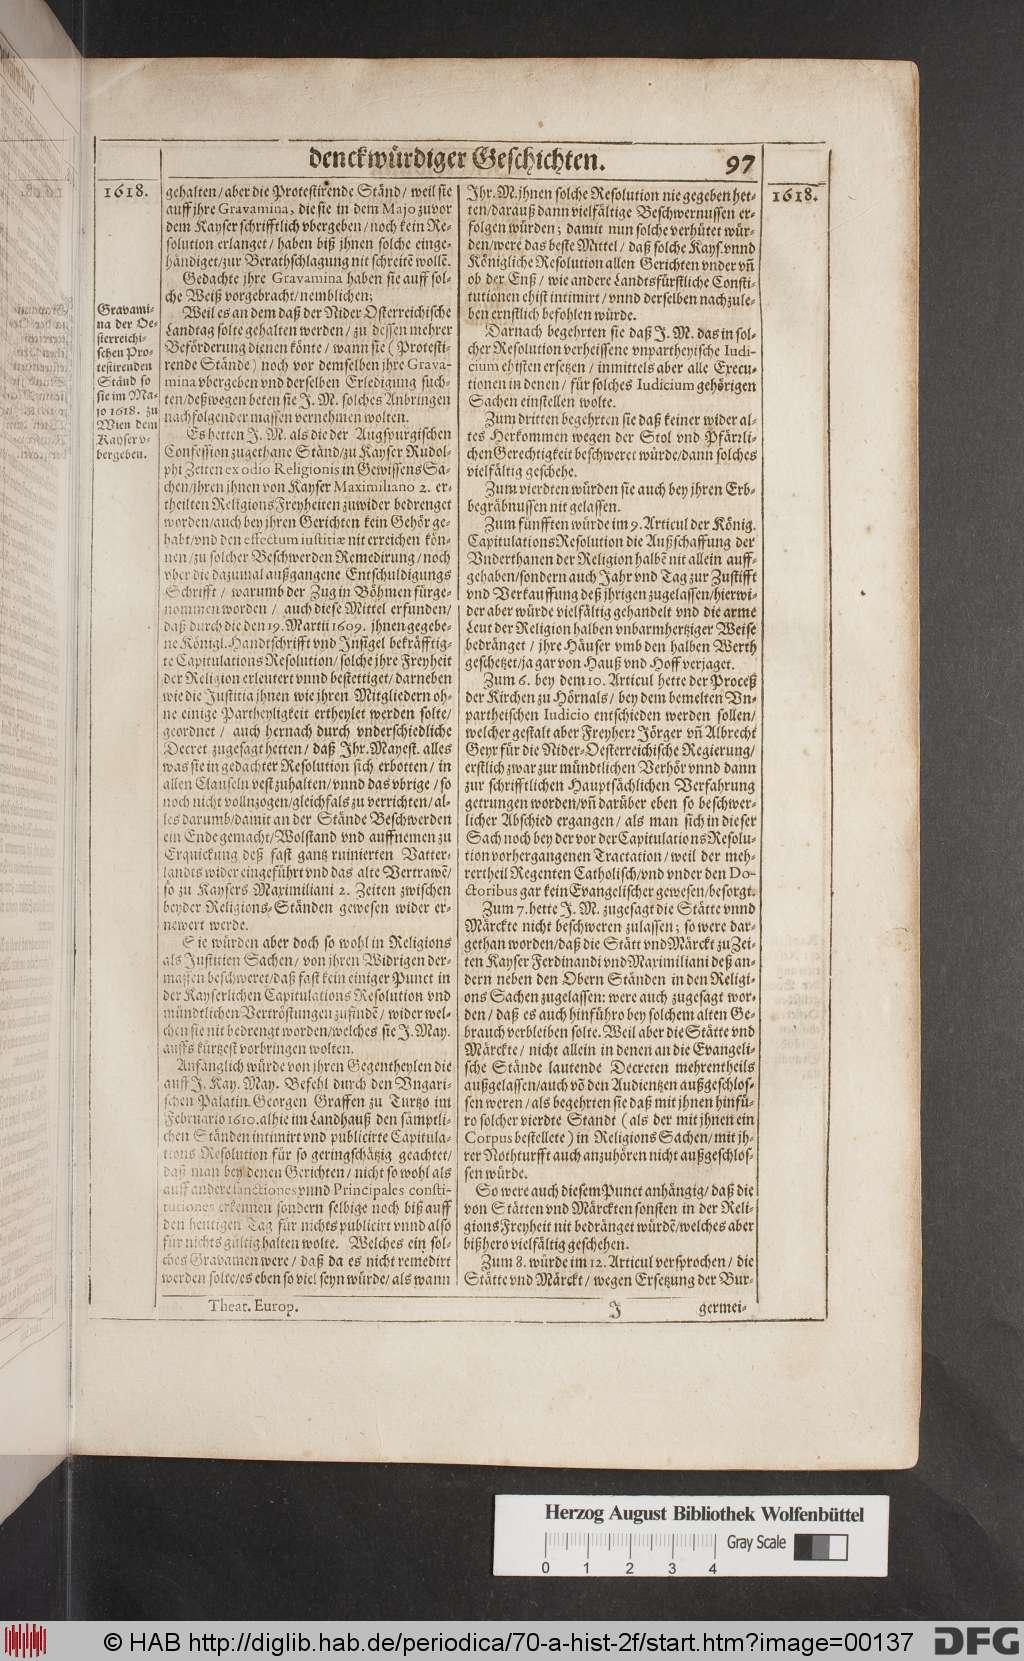 https://diglib.hab.de/periodica/70-a-hist-2f/00137.jpg